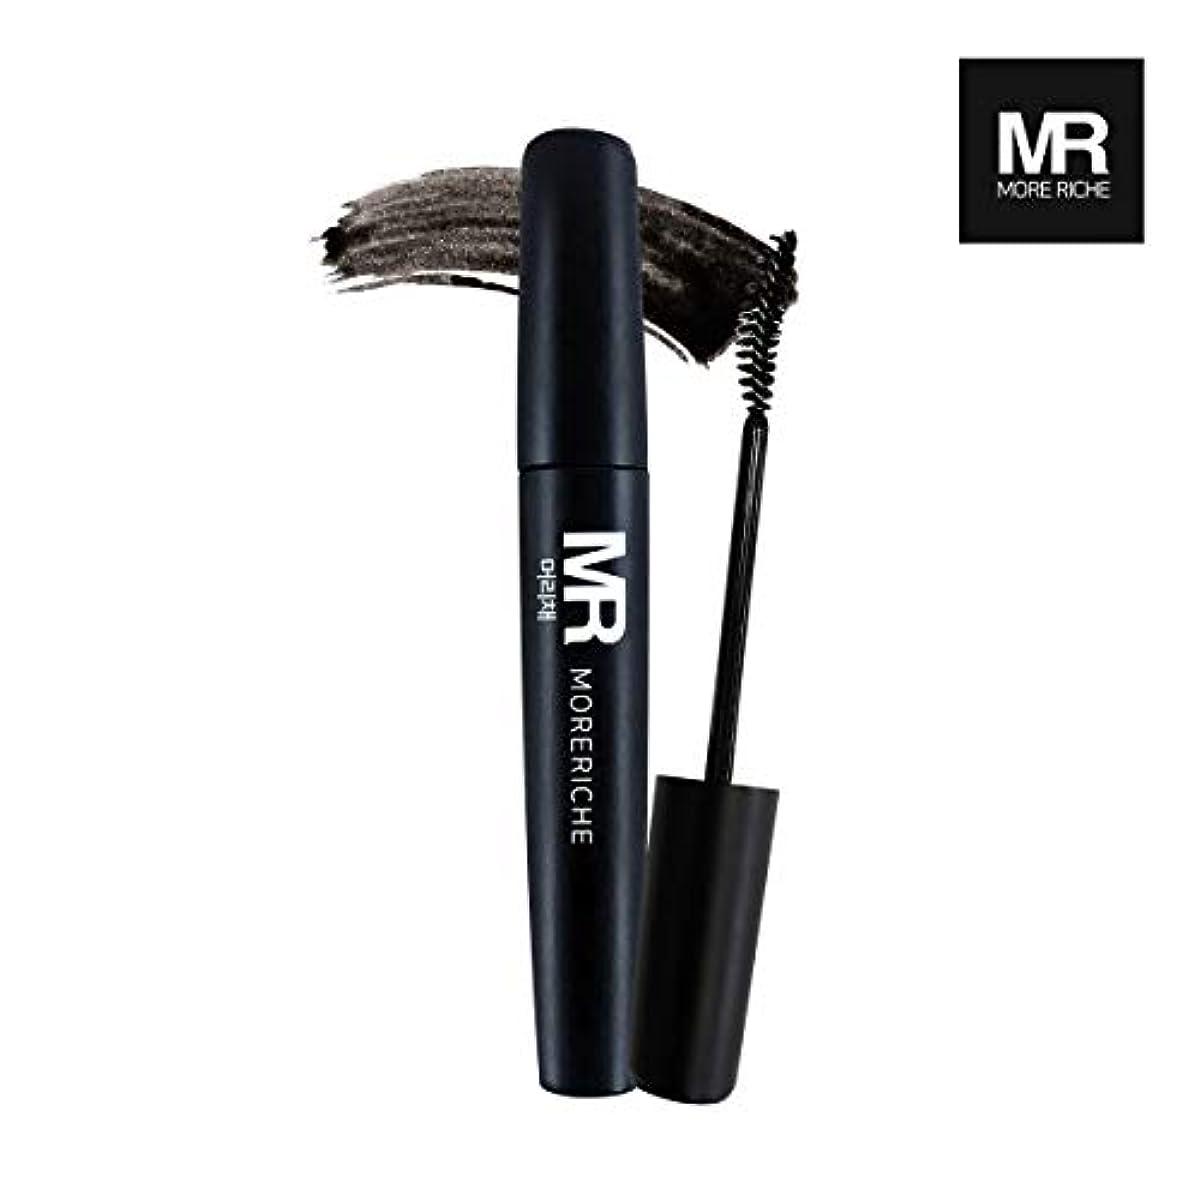 機密タイプライターブラケット[1+1] MoreRiche ヘアマスカラカラーグレーイングヘアカバースティック Temporary Hair Mascara Color Graying hair Cover Stick, Black Color 0.44...